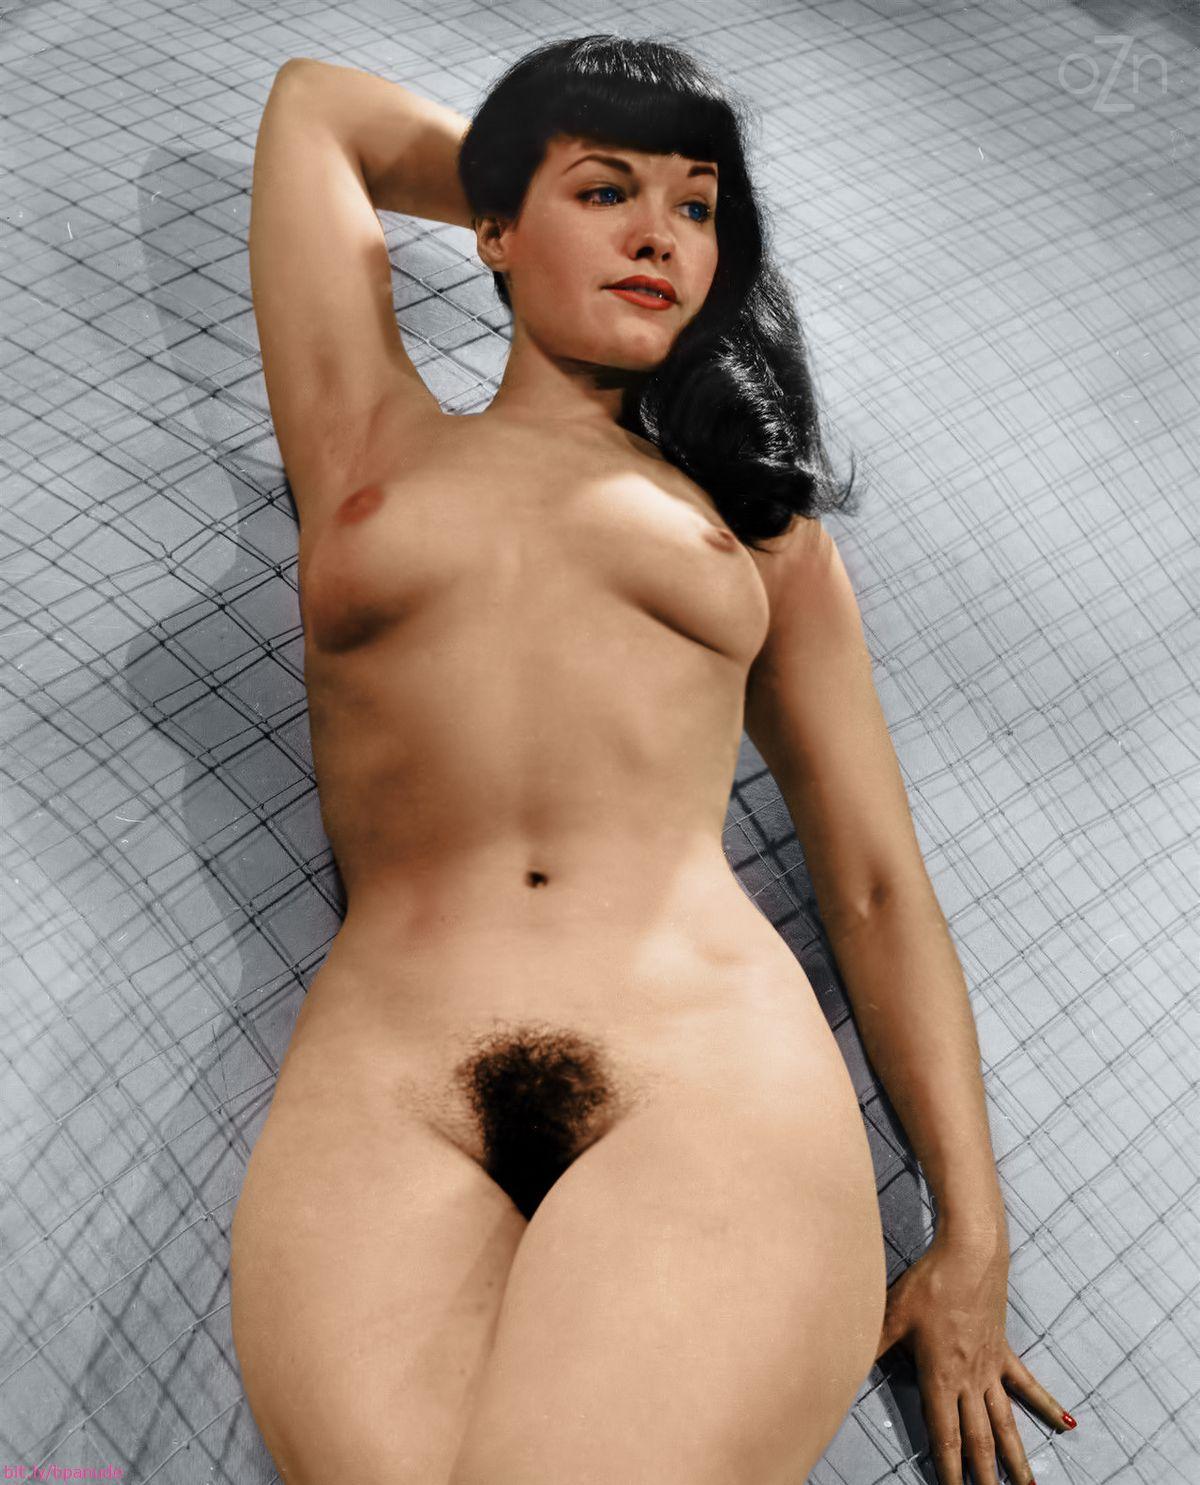 Chinese av models nude